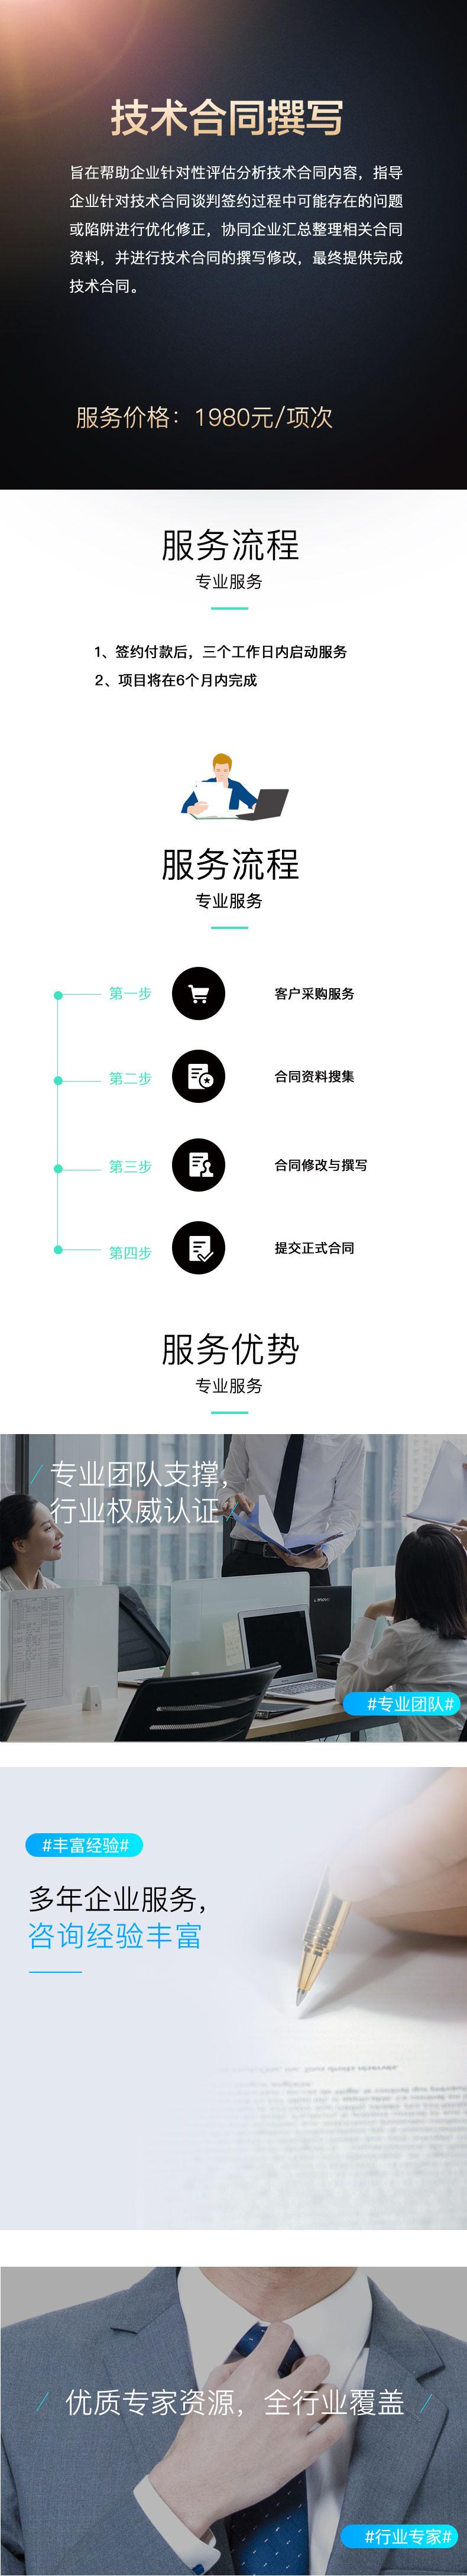 技術合同撰(zhuan)寫(xie).jpg